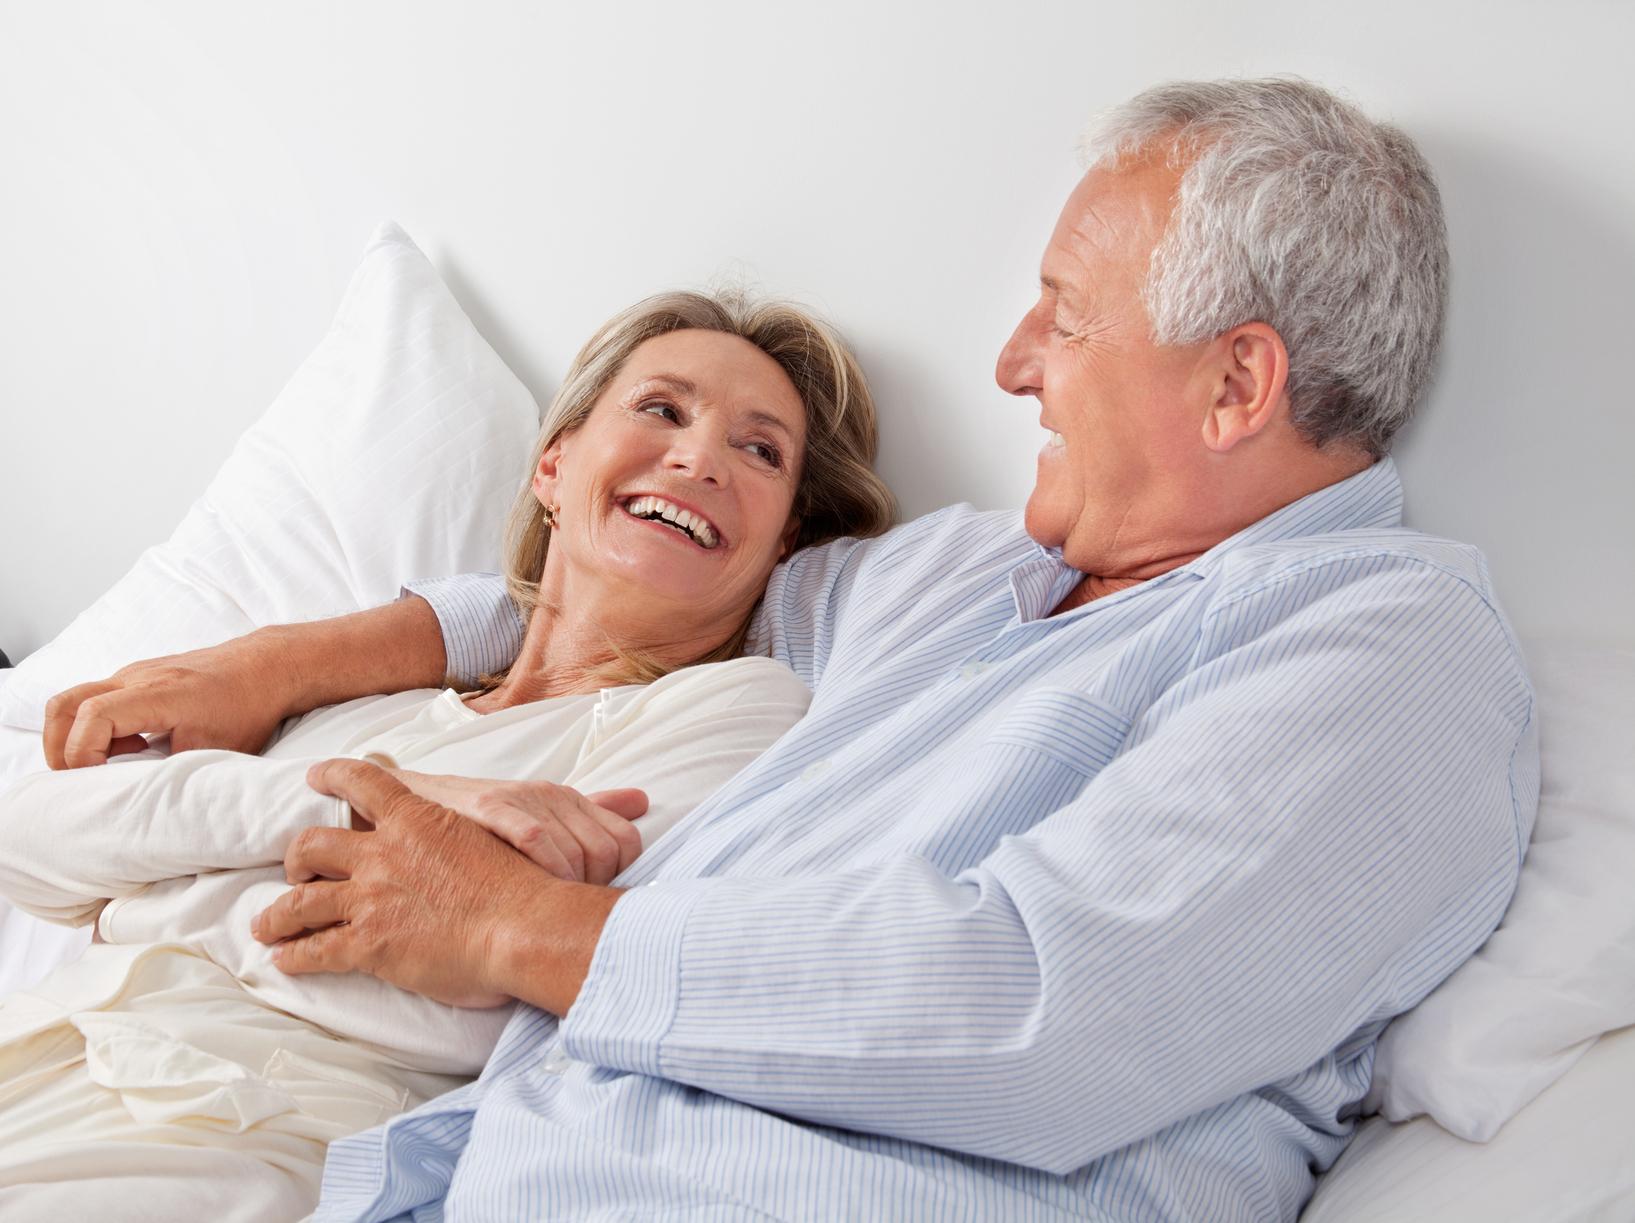 Секс Увлечения Пожилых Пар Смотреть Онлайн